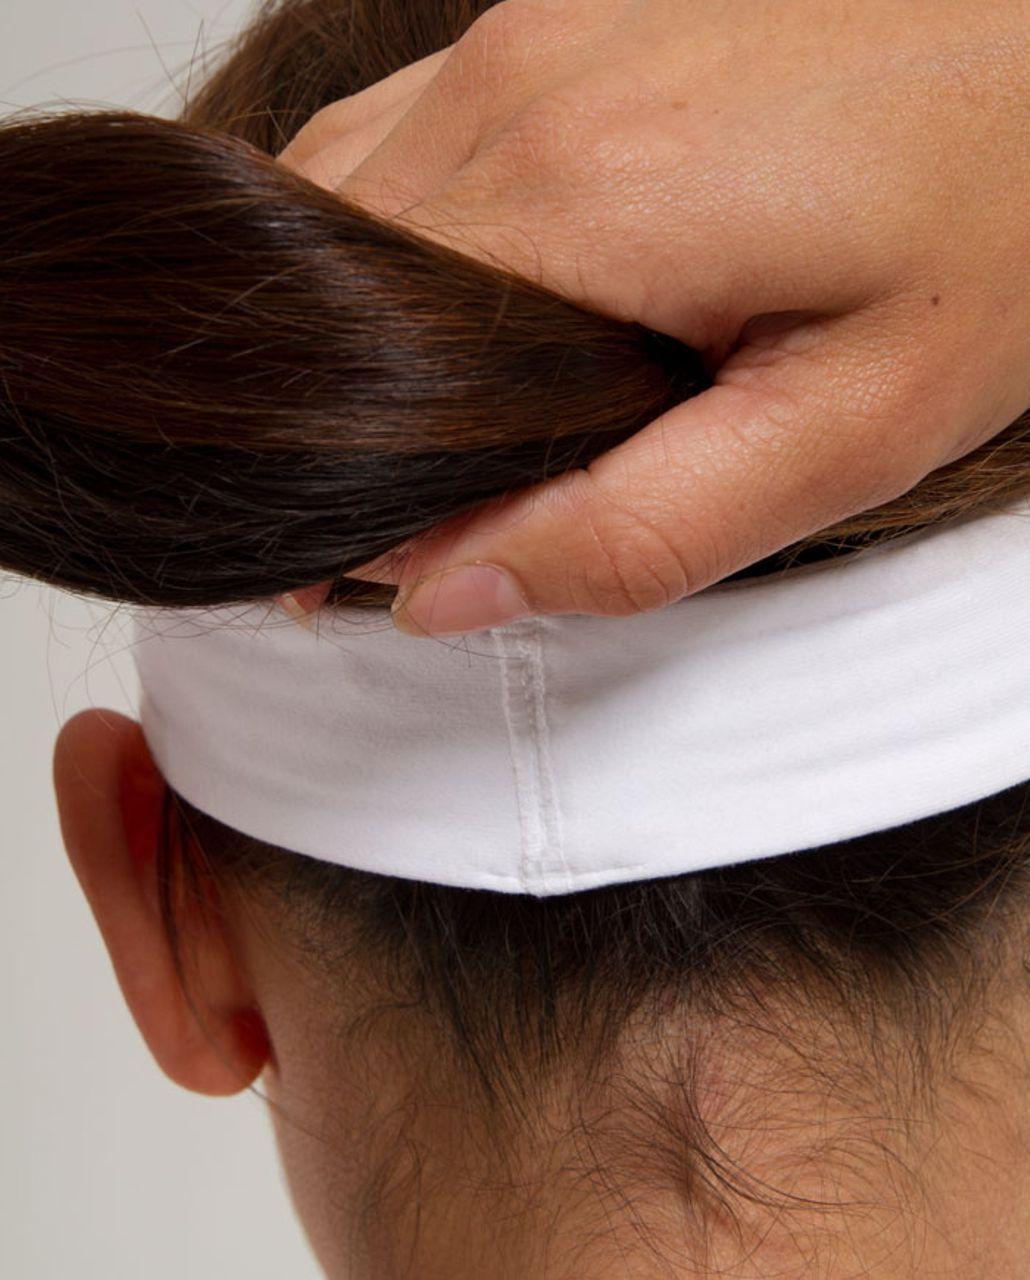 Lululemon Slipless Headband - White (First Release)